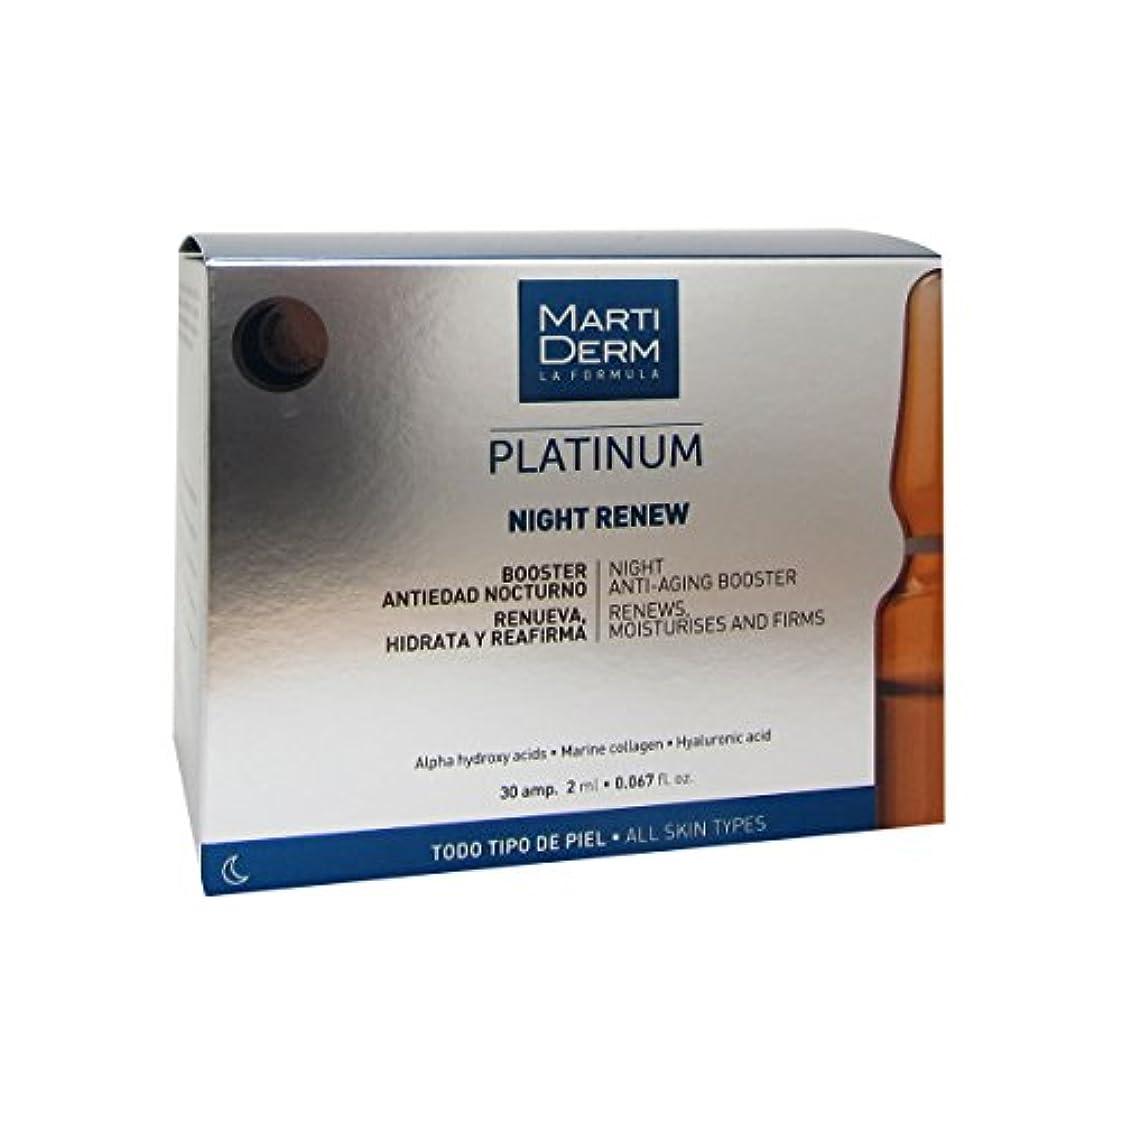 荒涼としたインチ読書Martiderm Platinum Night Renew Ampoules 30ampx2ml [並行輸入品]